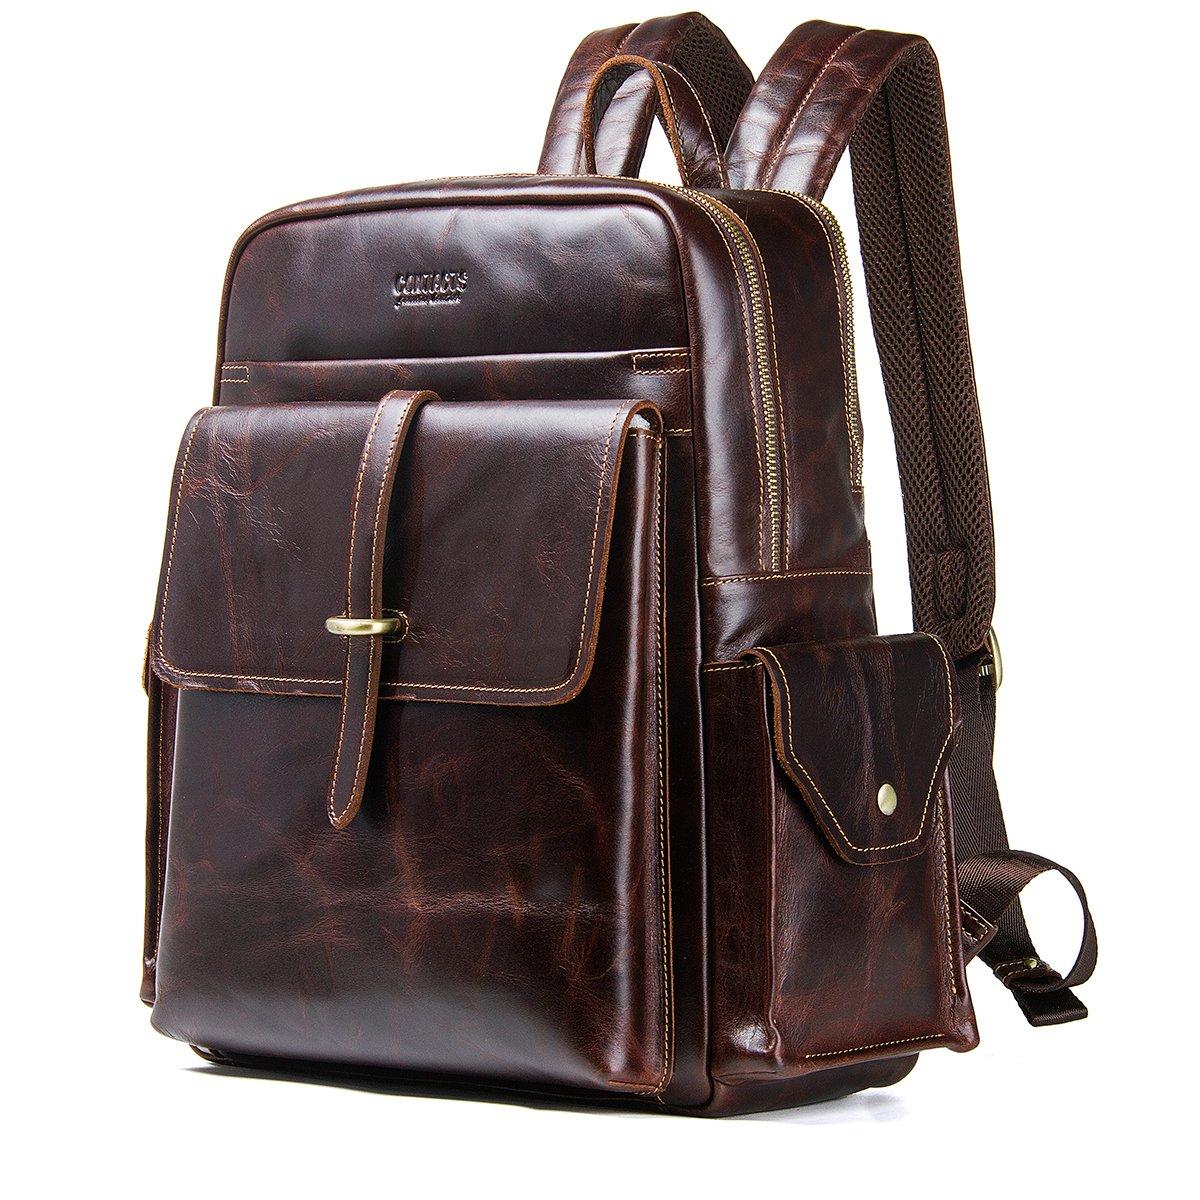 Contacts Mochila de cuero genuino para hombre de 13 pulgadas para ordenador portátil, bolso de viaje, mochilas escolares